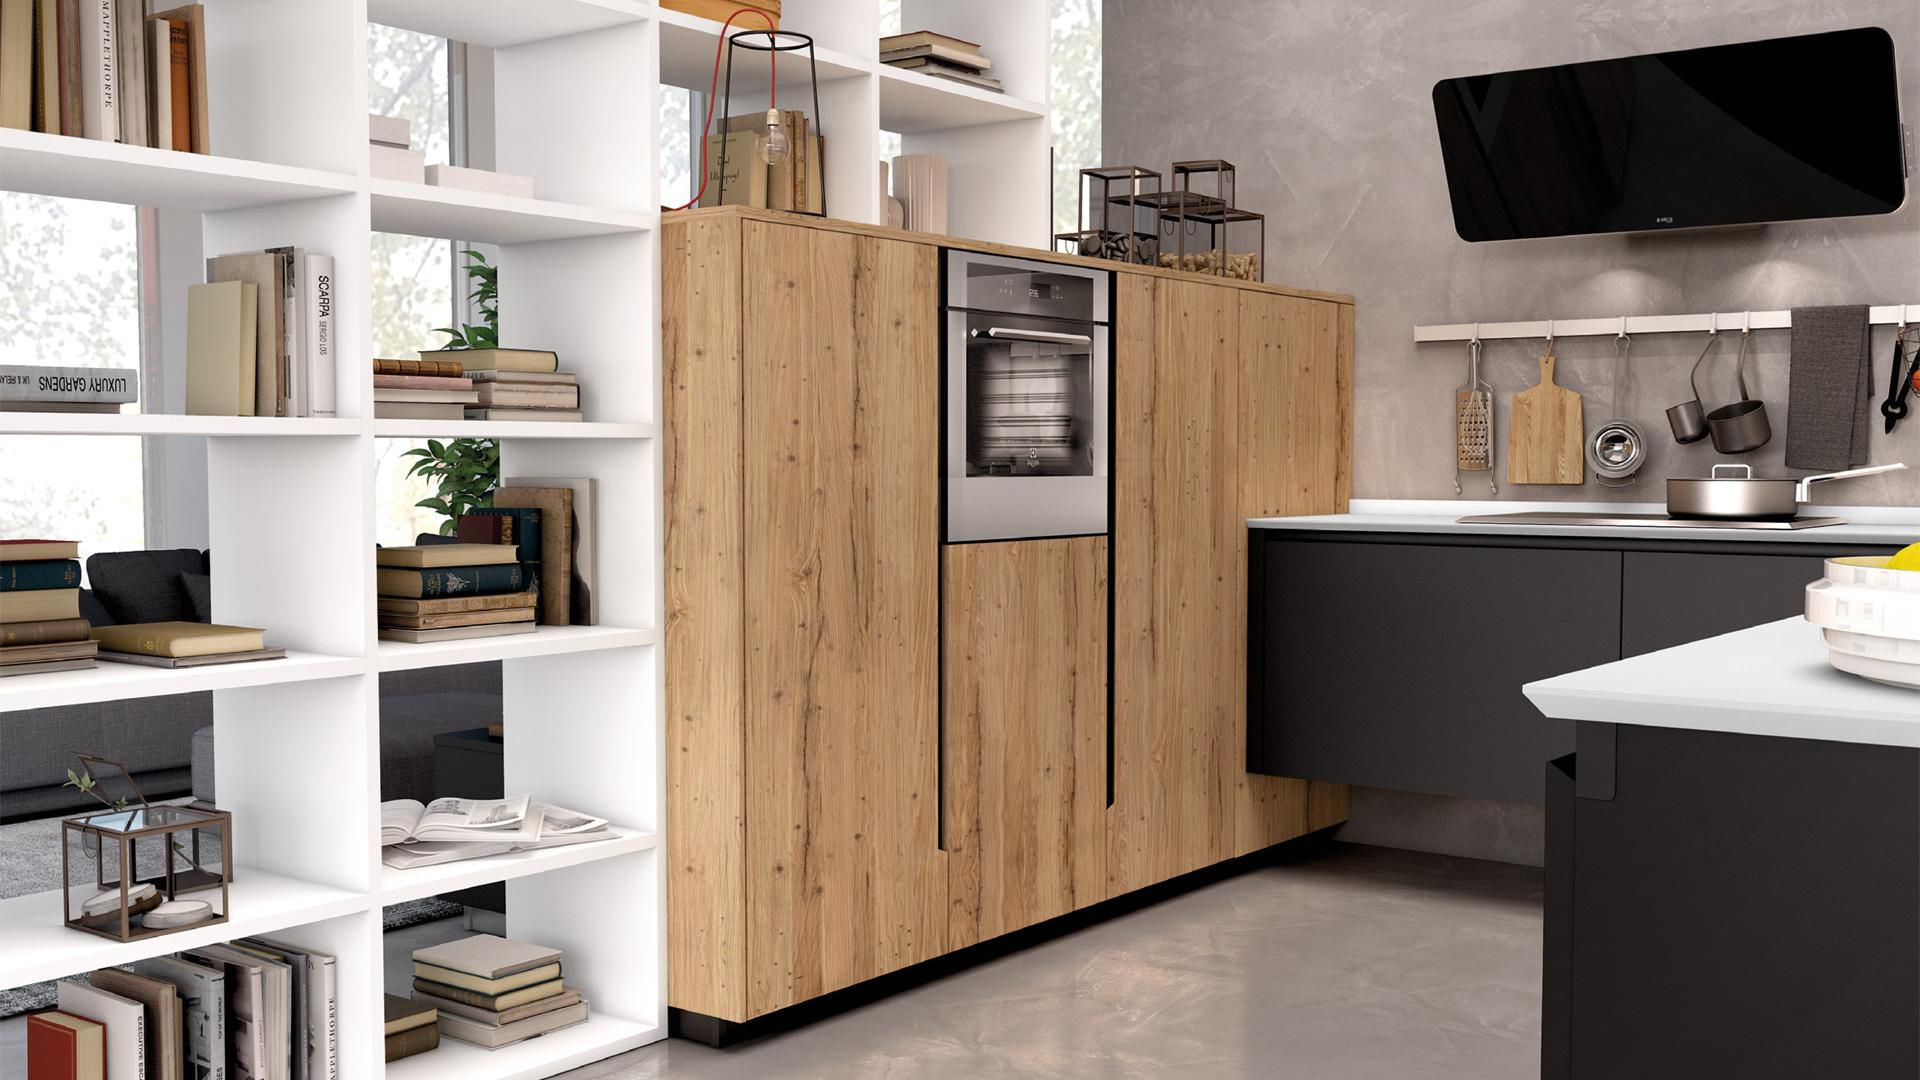 Cucina Moderna In Legno In Alluminio Laccata Oltre Cucine